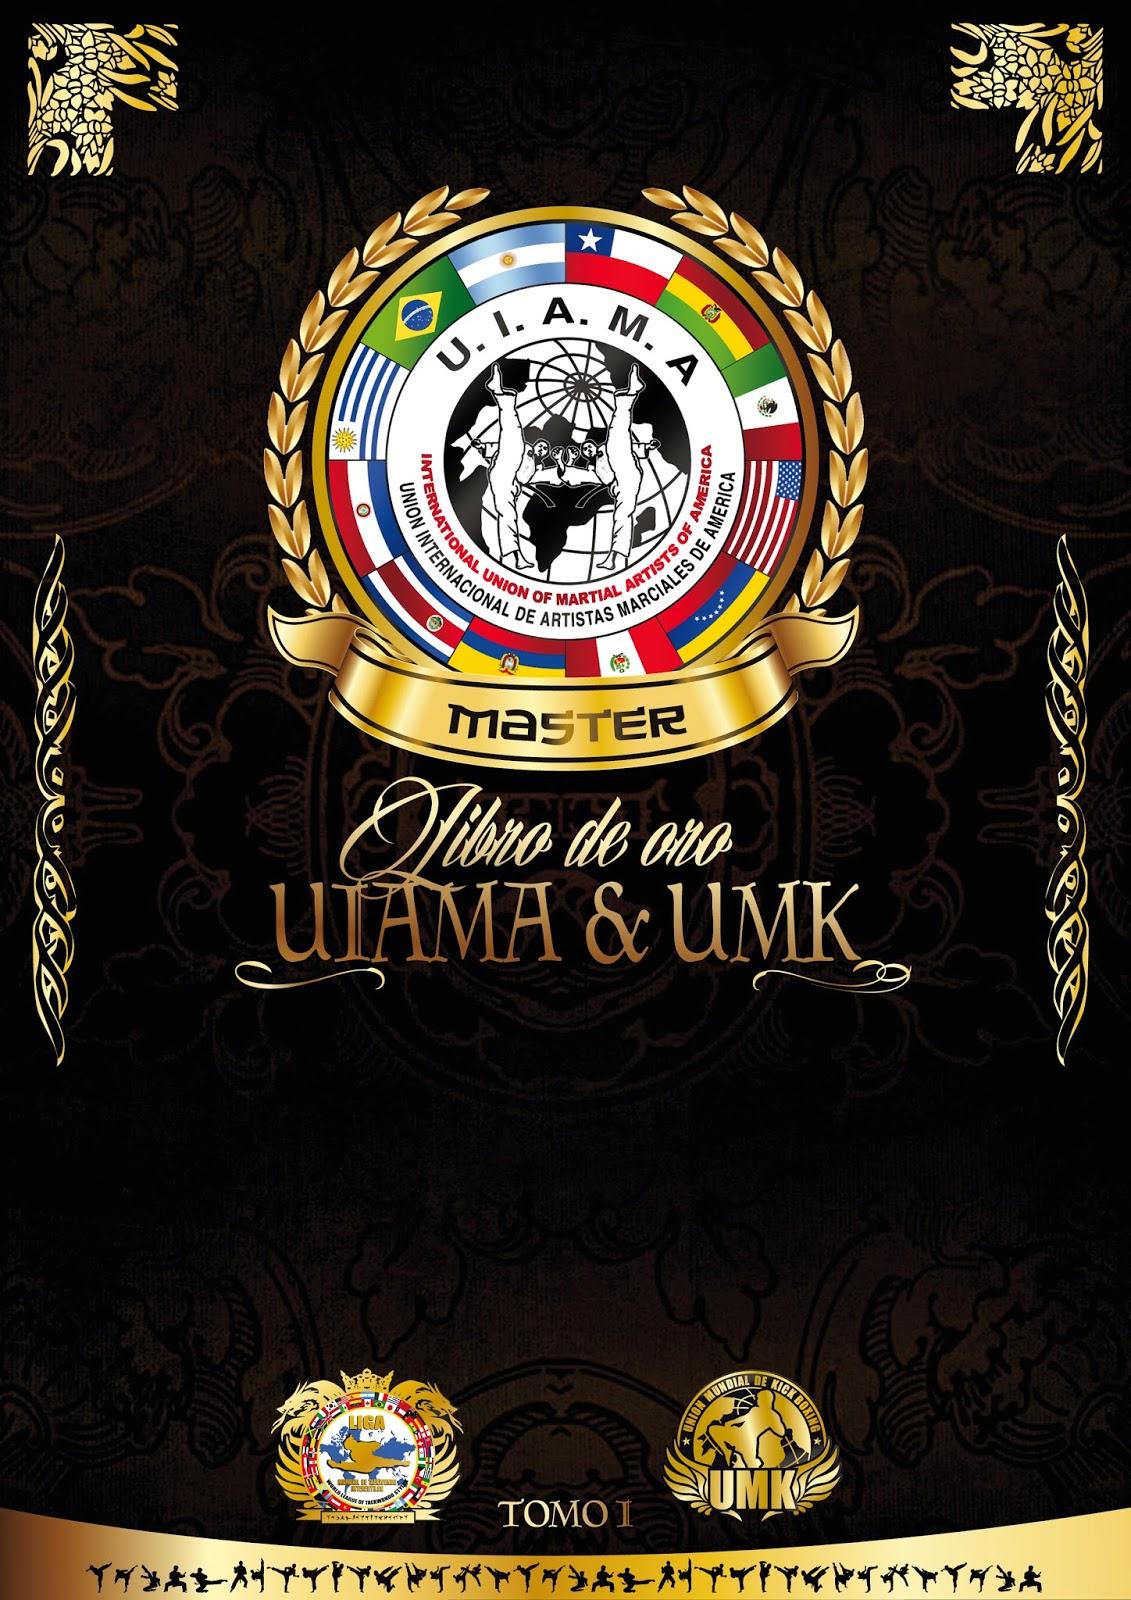 LIBRO DE ORO UIAMA&UMK - TOMO 1